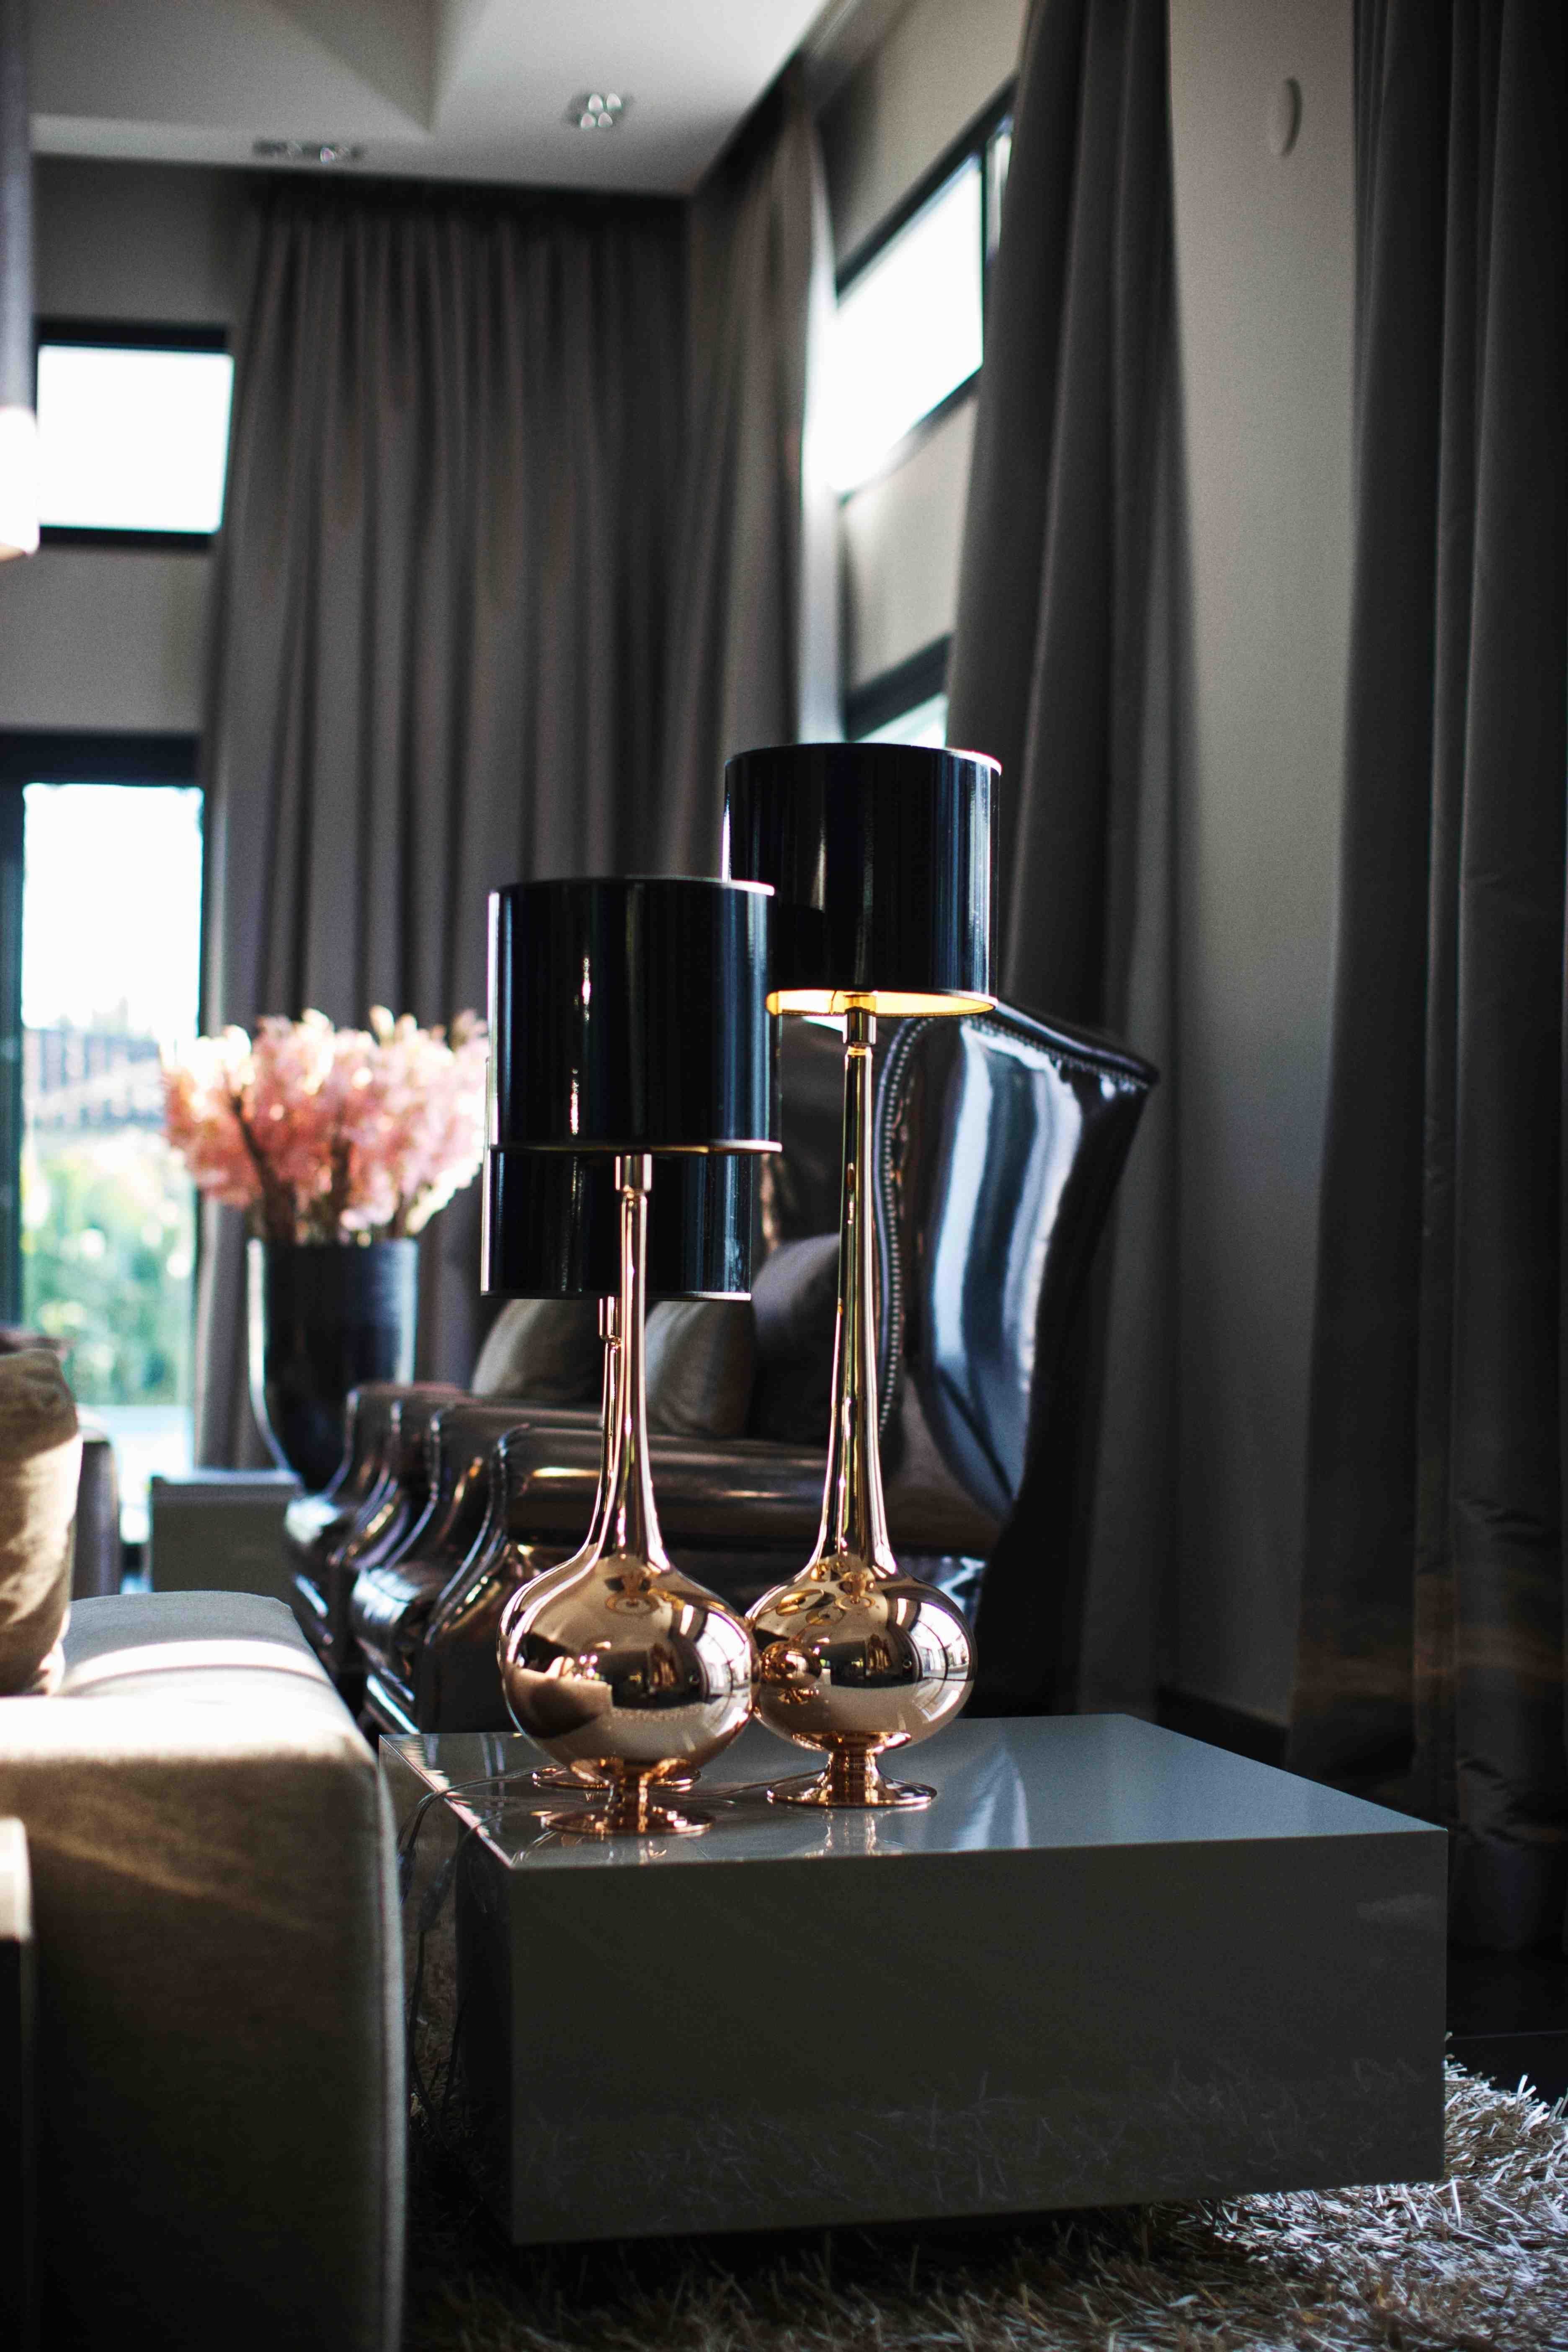 Dunkel Hamburg Leuchten Gardinen Luxus Schlafzimmer Moderne Lampen Goldlampen Schwarz Lampen